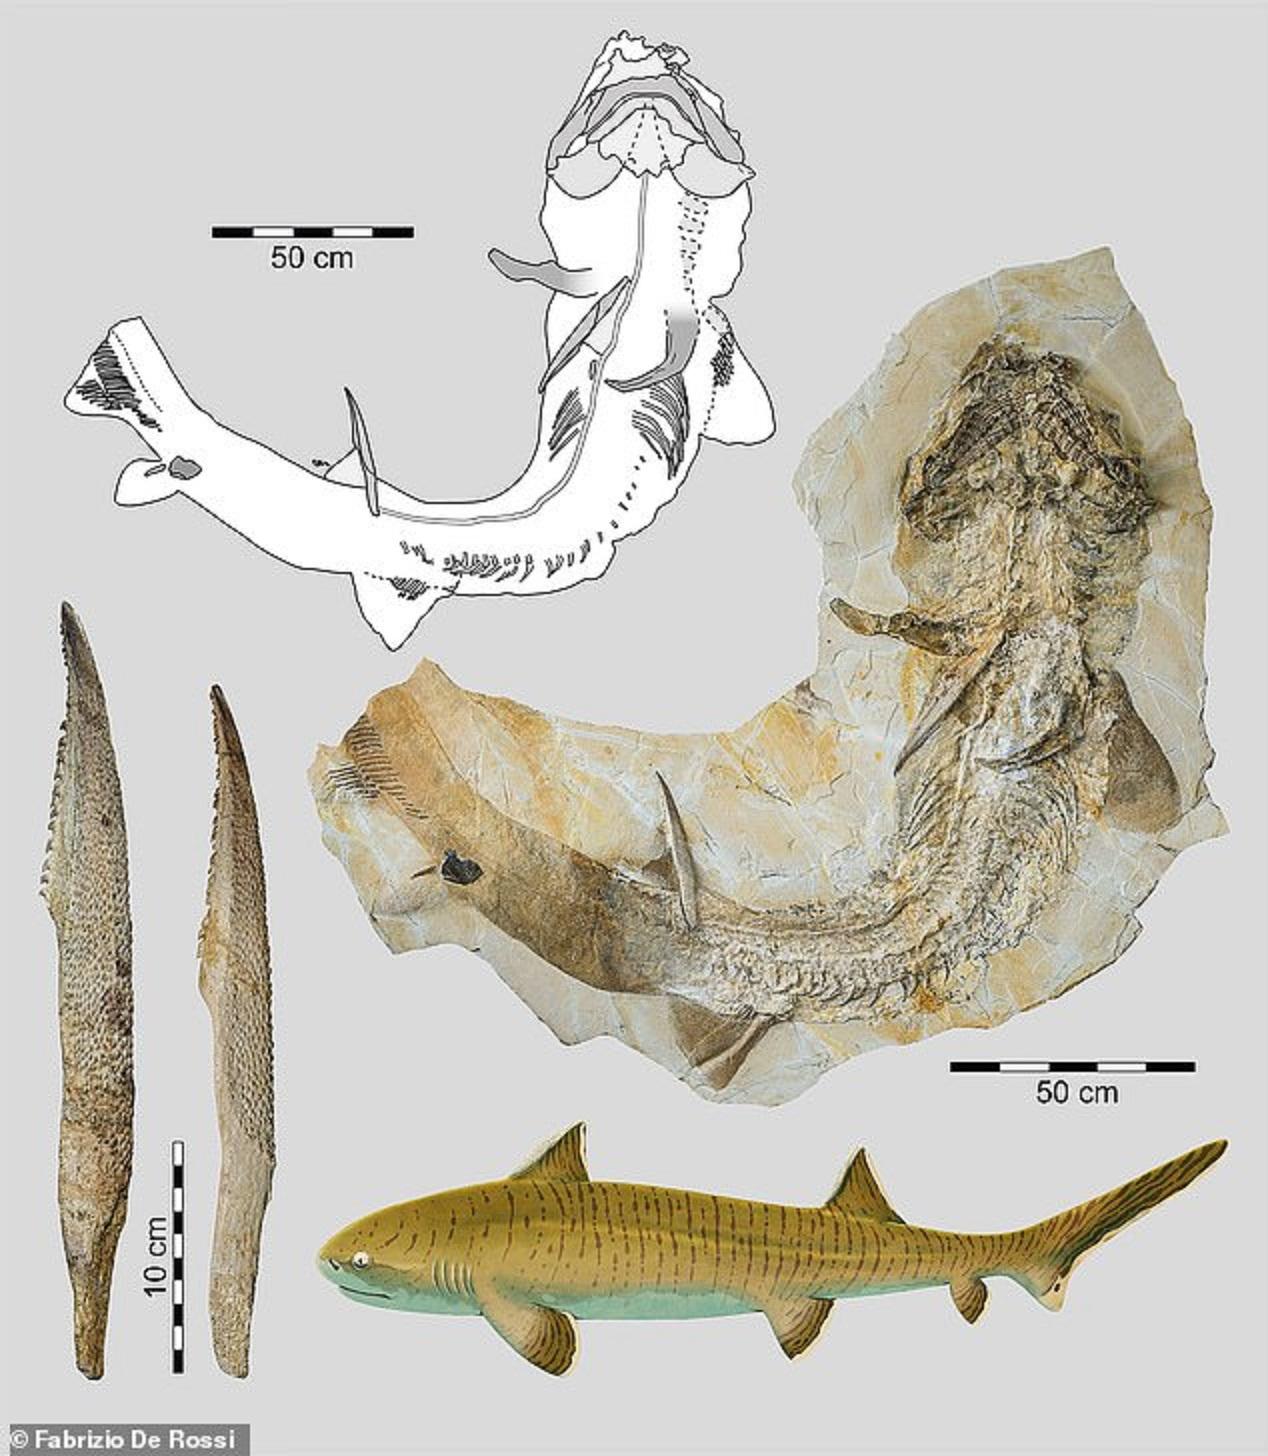 Esqueleto quase completo do tubarão hipodontiforme Asteracanthus